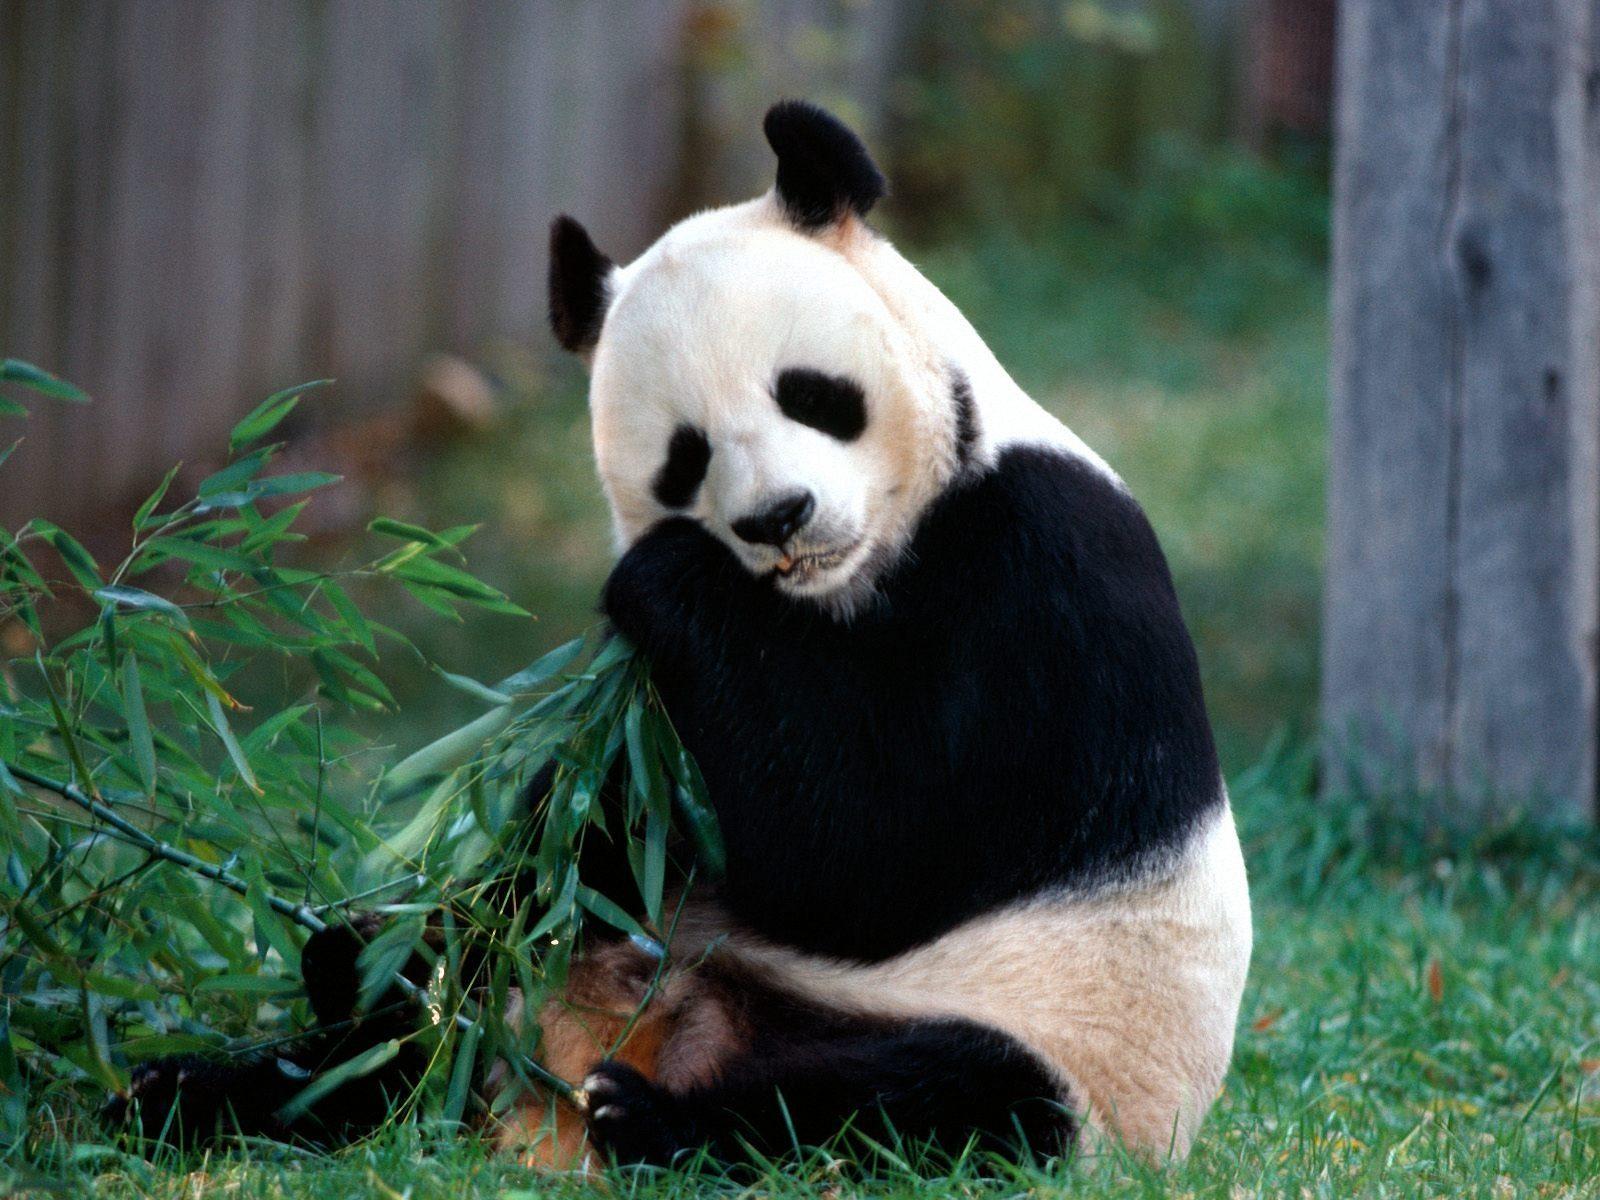 http://1.bp.blogspot.com/-QMkpkQxW6zM/Tq0C7XMC1BI/AAAAAAAABcU/fAJ2jur62Zk/s1600/panda-eat-bamboo_1600x1200.jpg